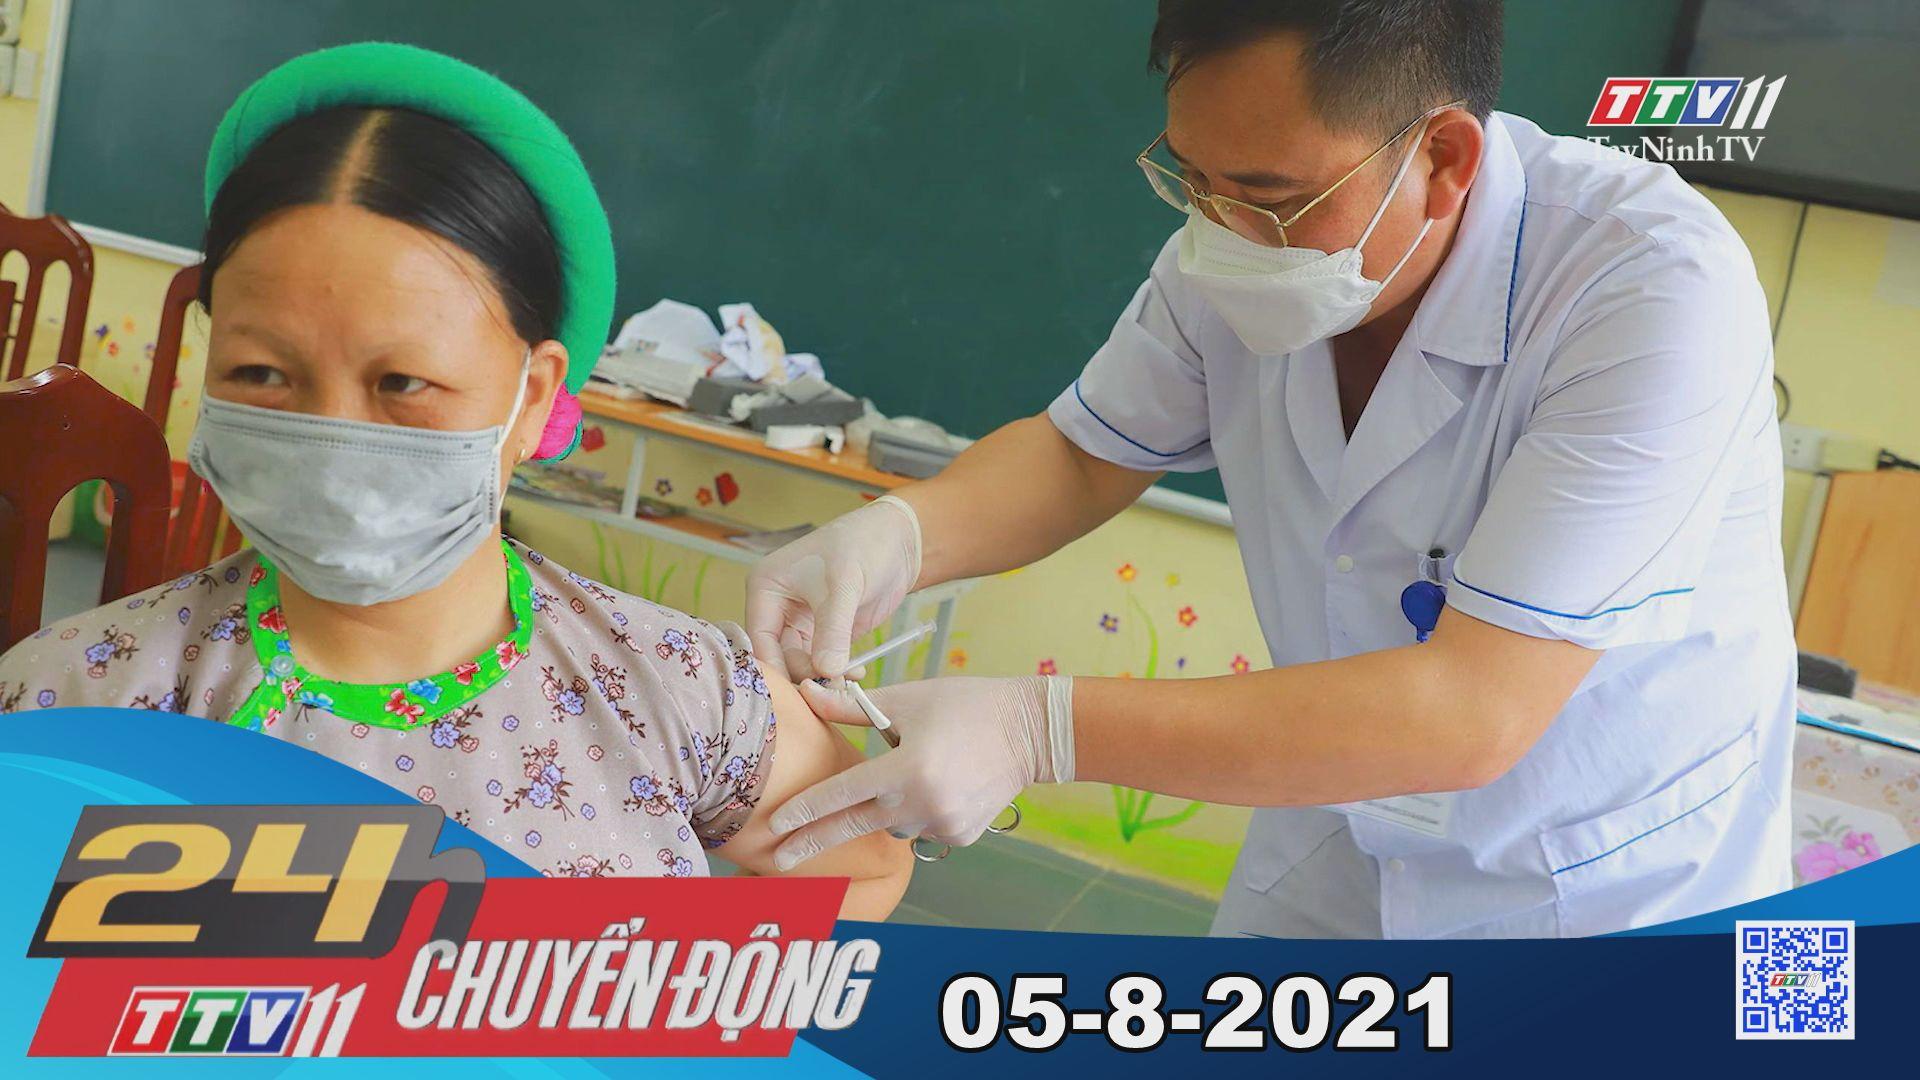 24h Chuyển động 05-8-2021 | Tin tức hôm nay | TayNinhTV